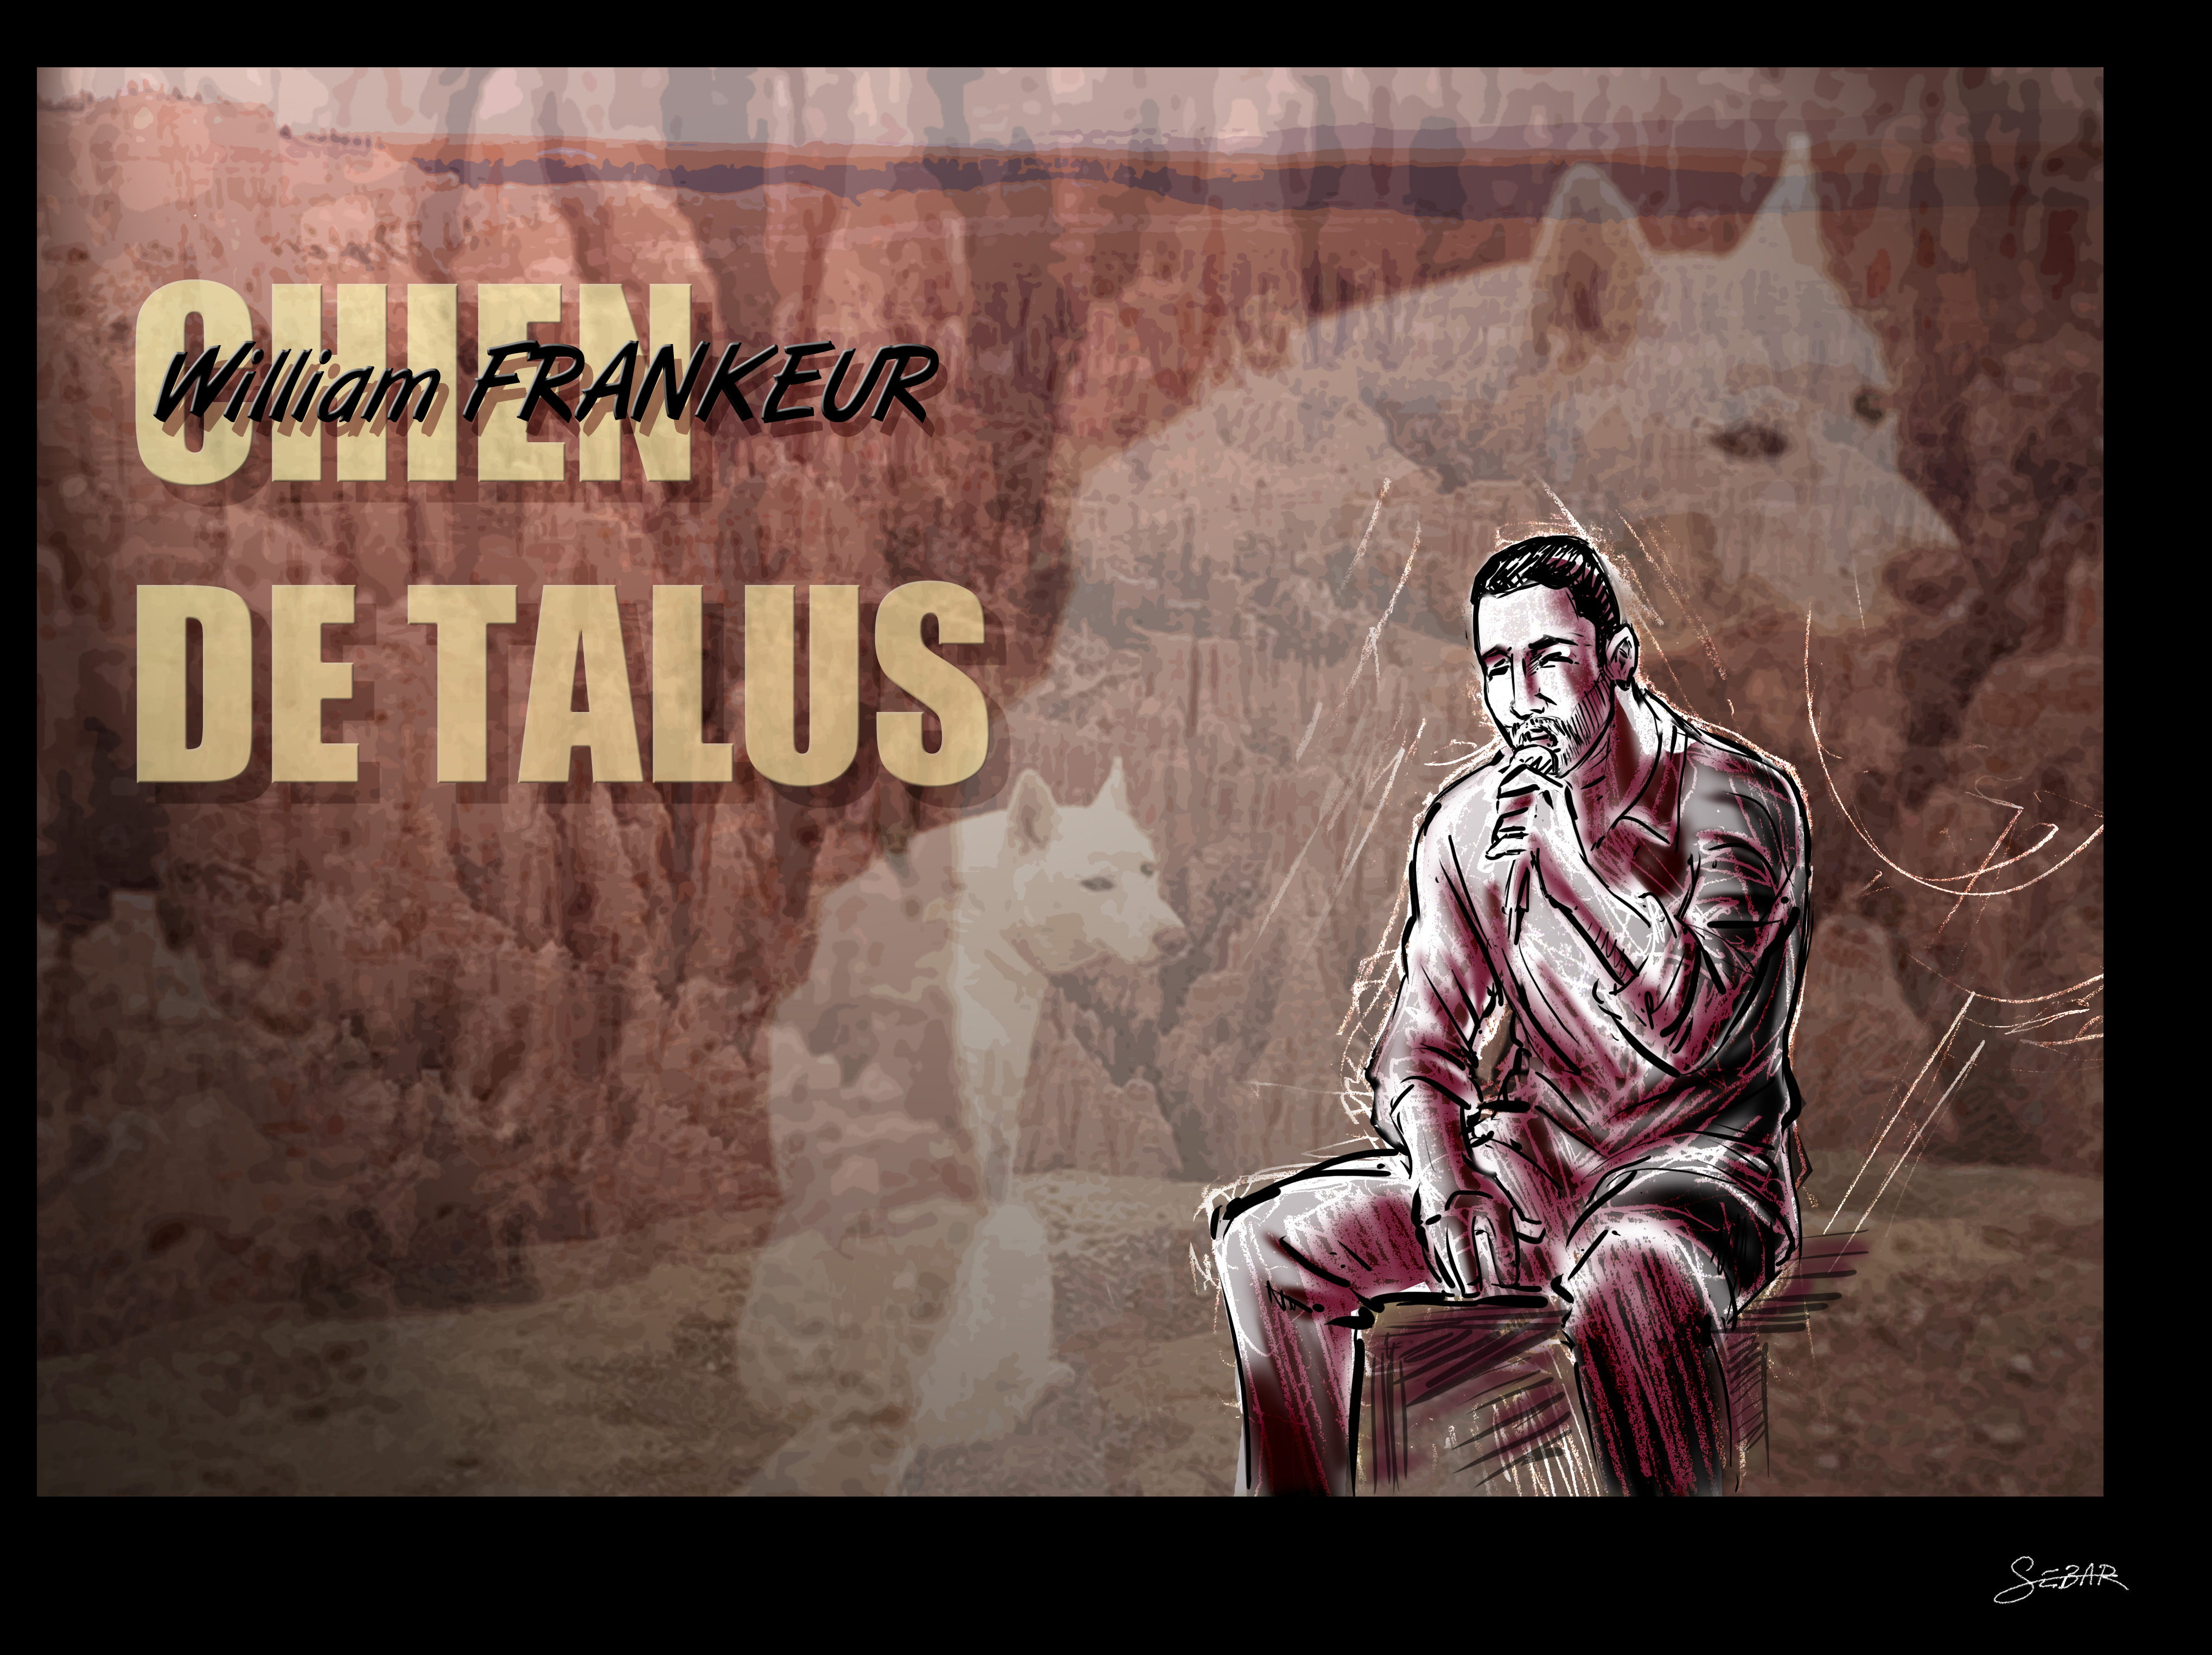 CHIEN DE TALUS 3